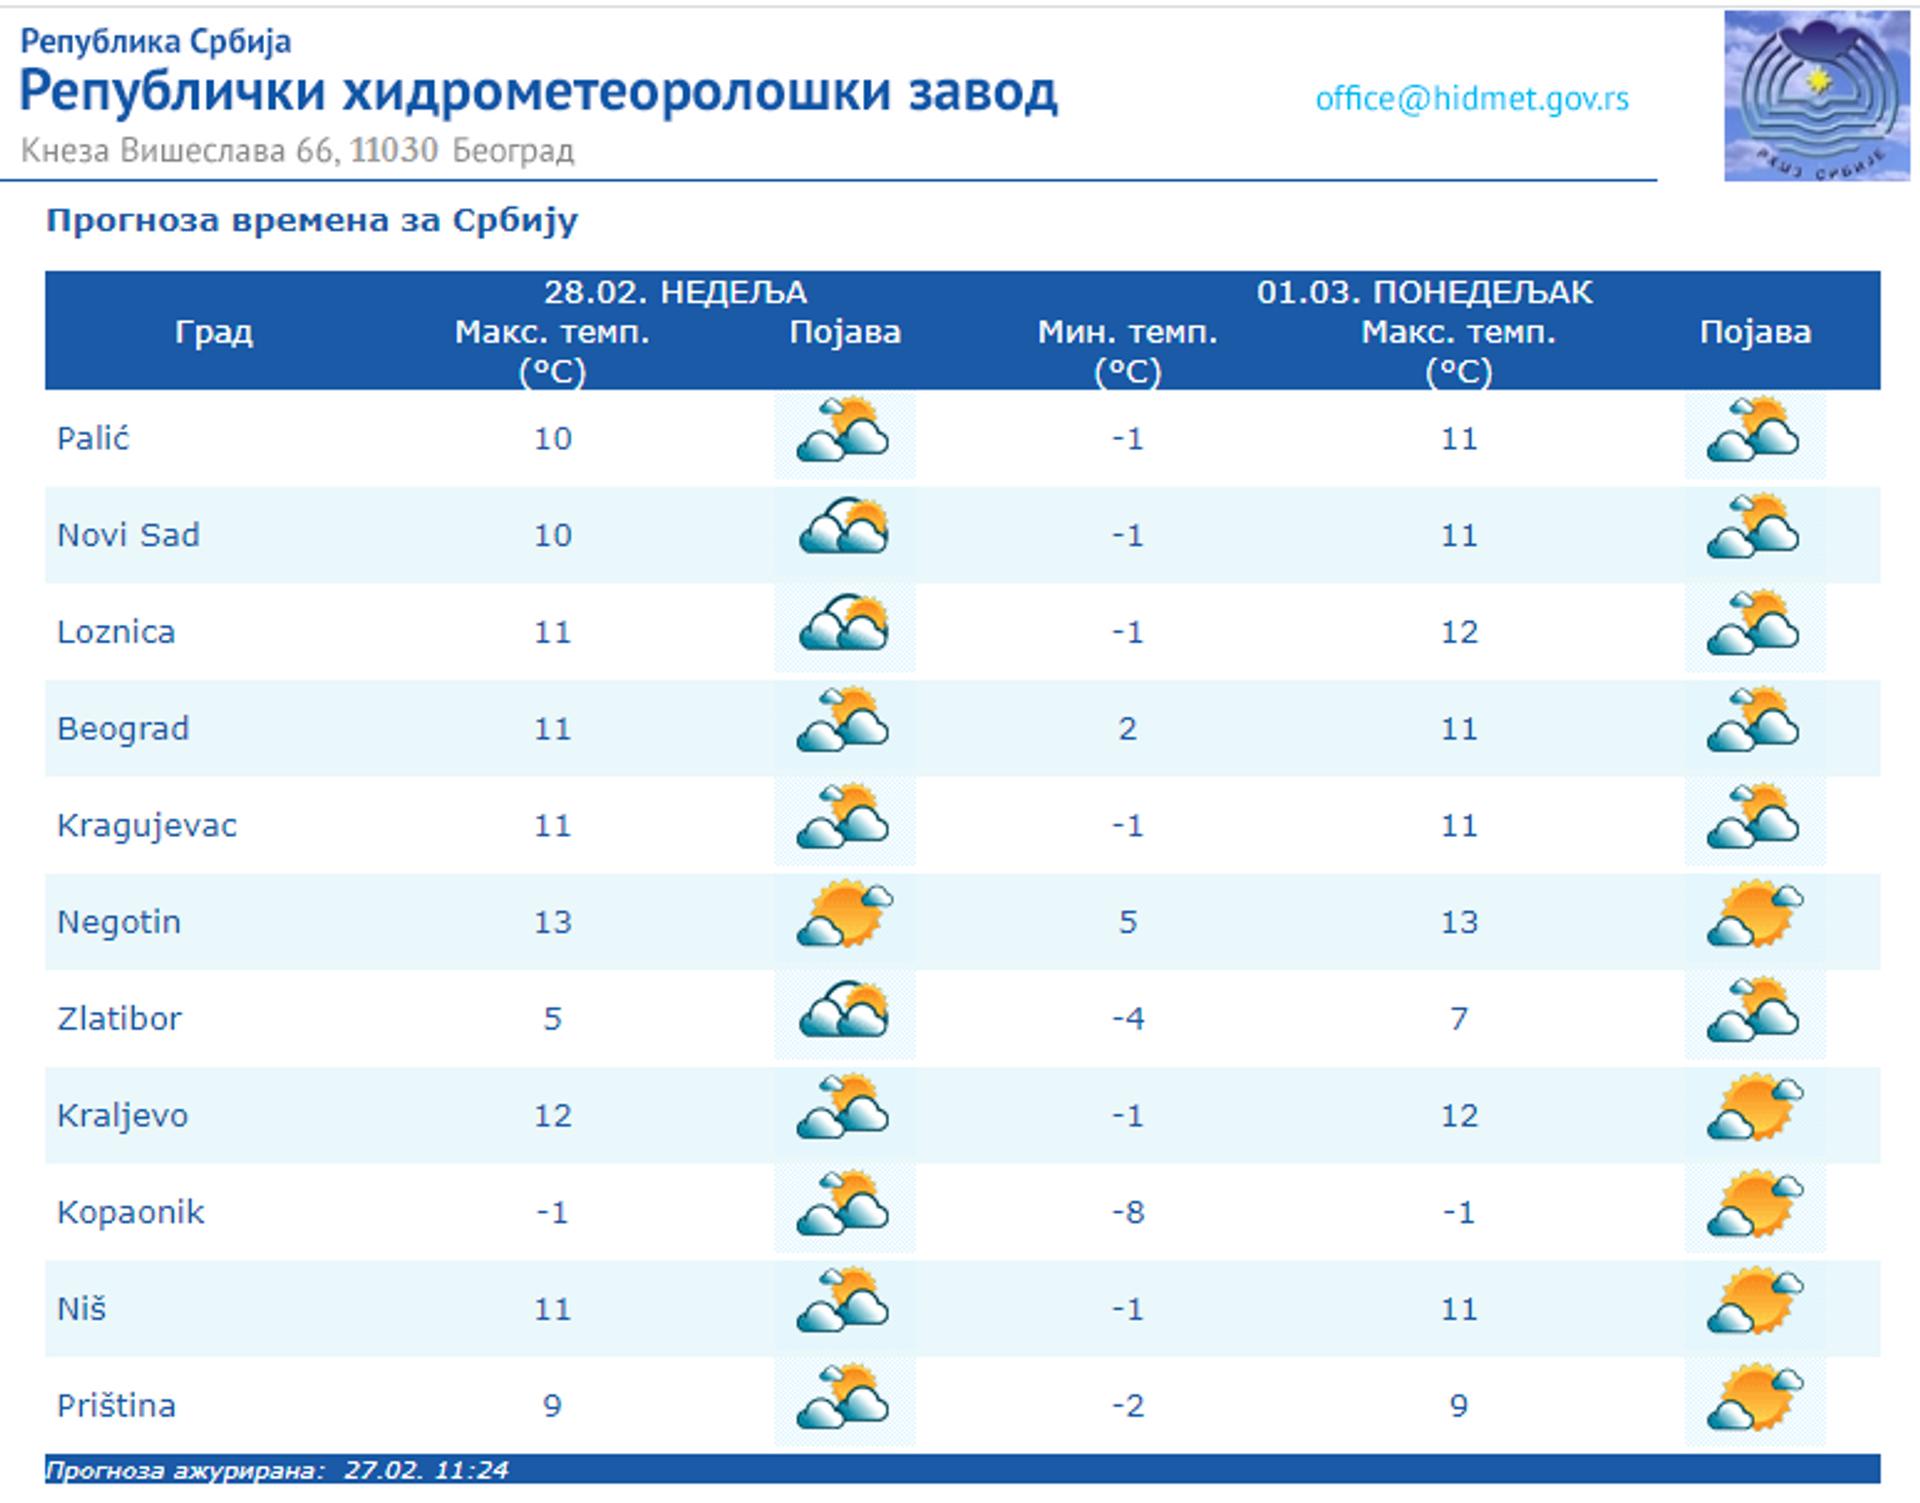 Време данас: Претежно облачно, до 13 степени, сутра без већих промена - Sputnik Србија, 1920, 28.02.2021